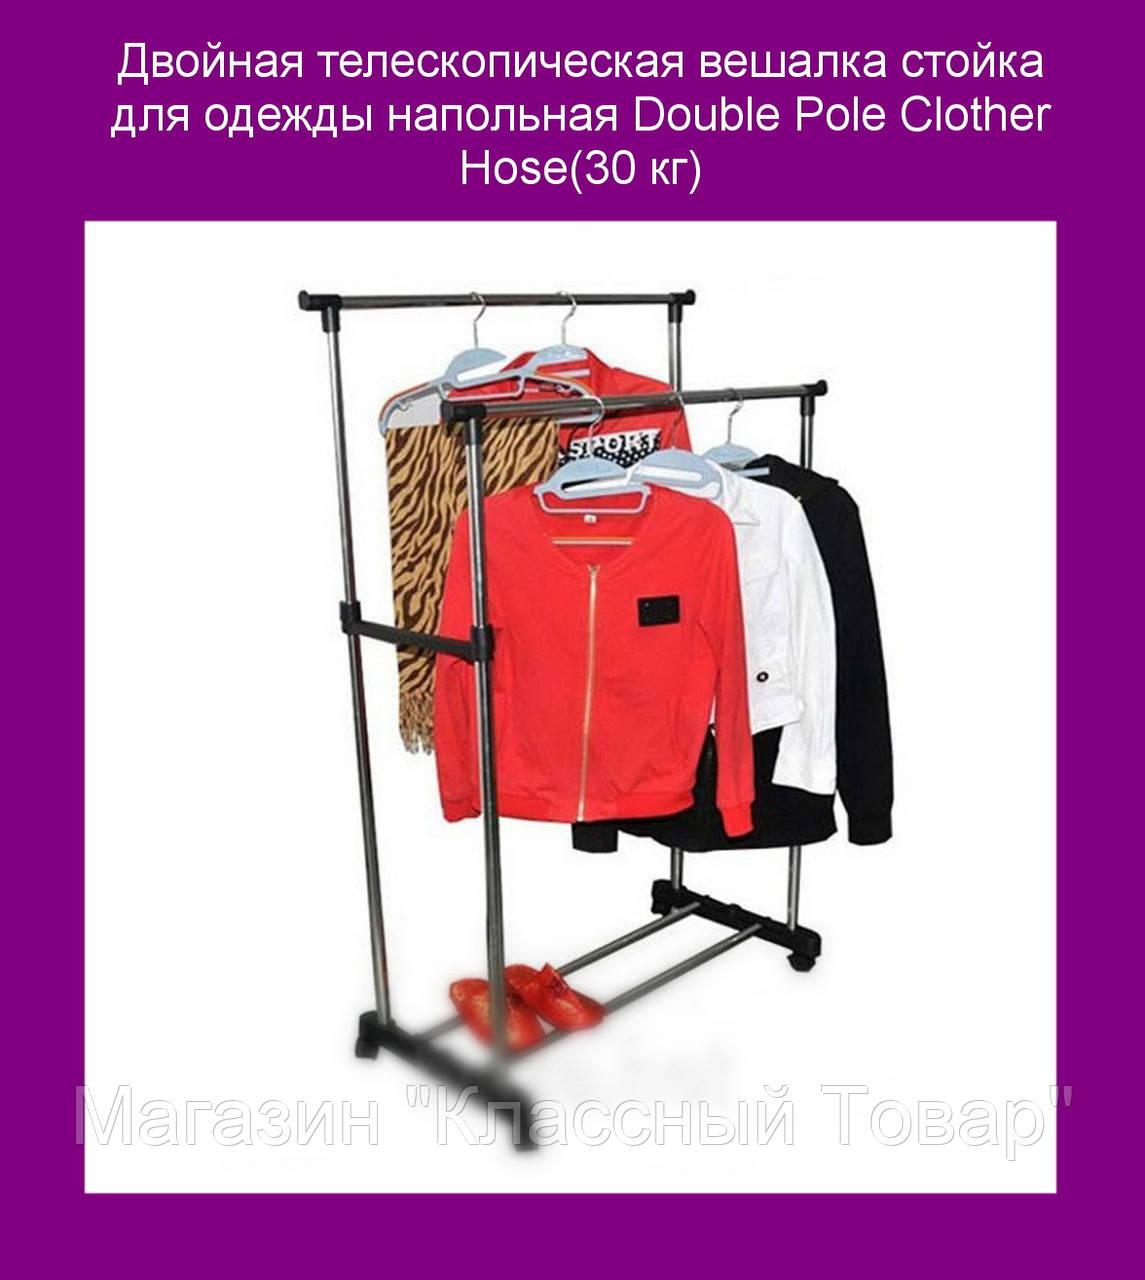 Двойная телескопическая вешалка стойка для одежды напольная Double Pole Clother Hose(30 кг)!Лучший подарок